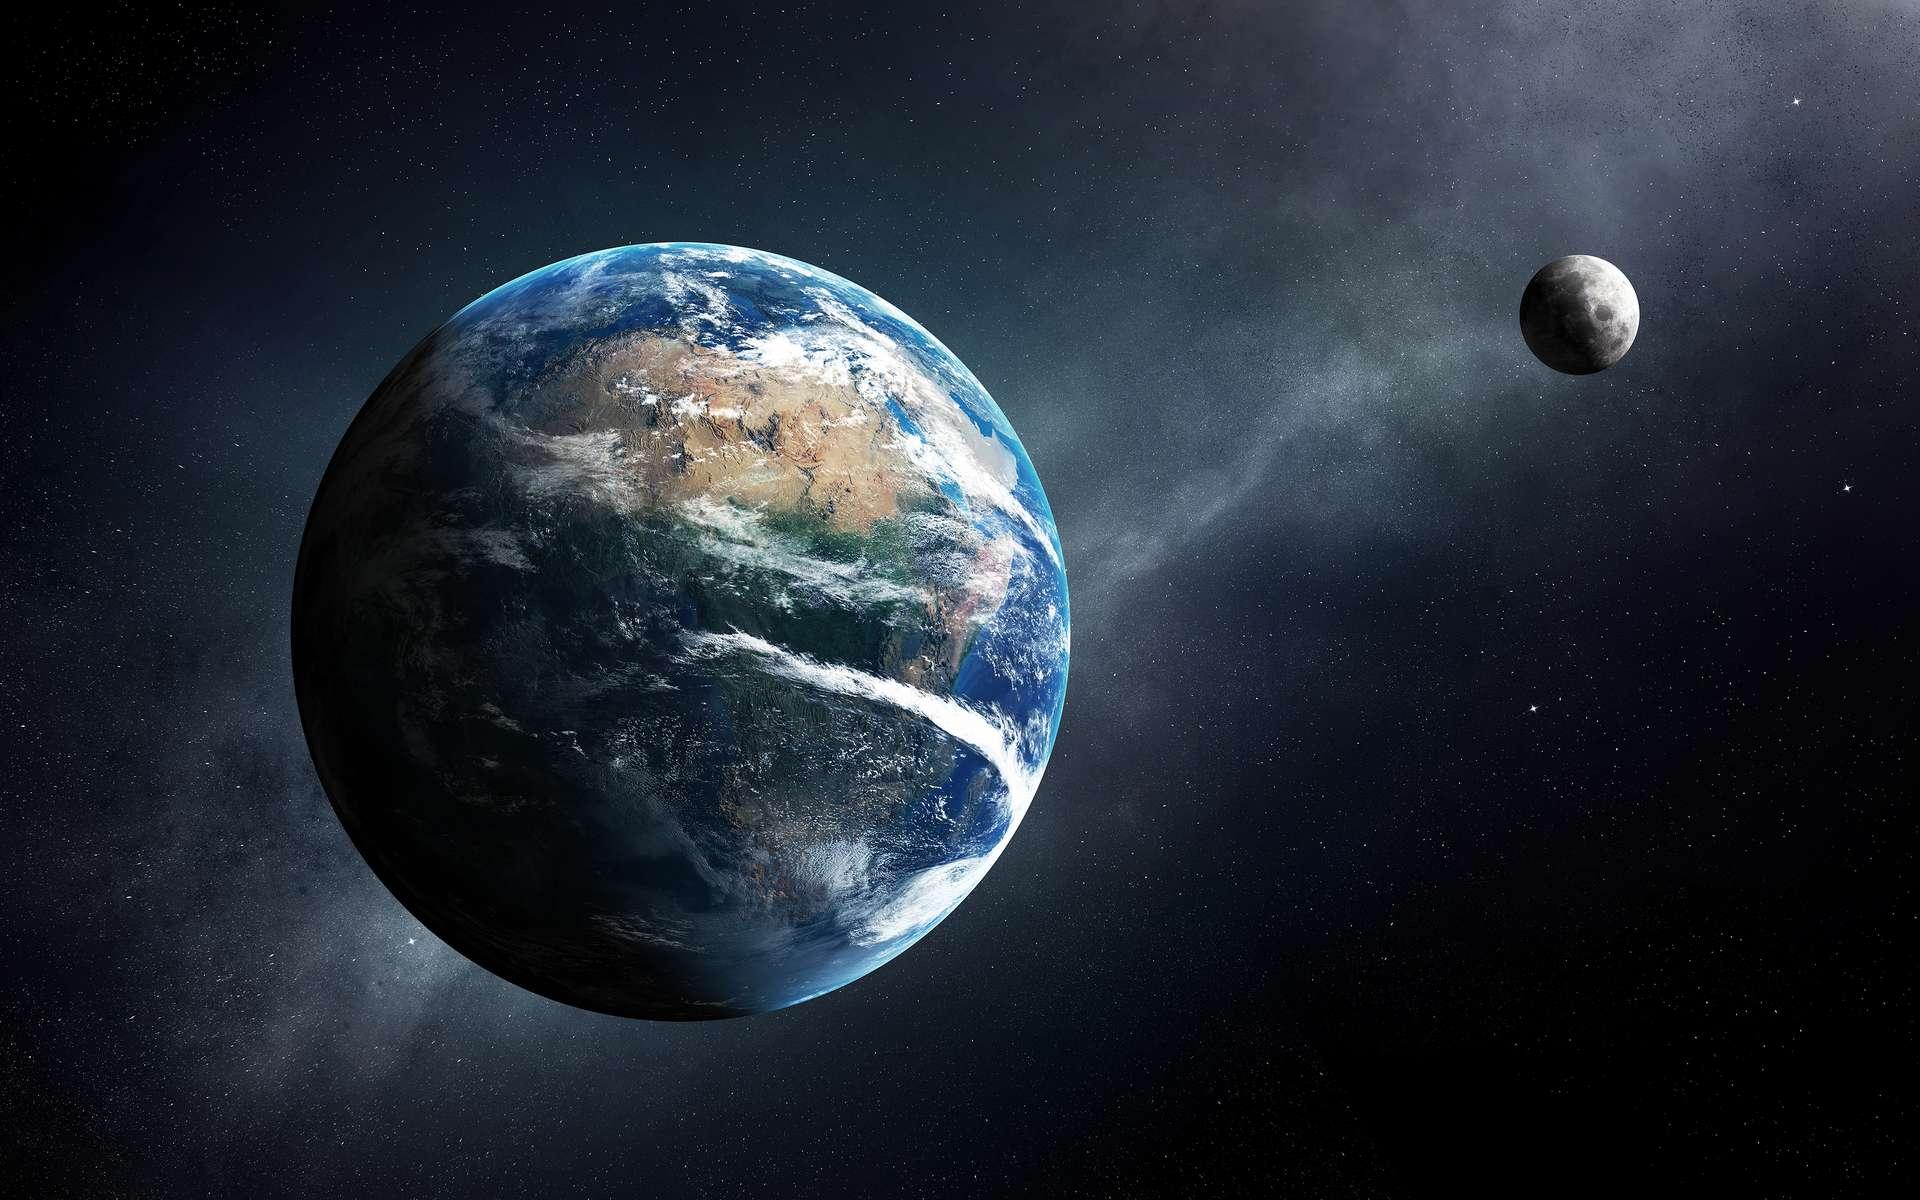 Le fonctionnement du système Terre-Lune influence la durée du jour sur notre planète. © JohanSwanepoel, Adobe Stock